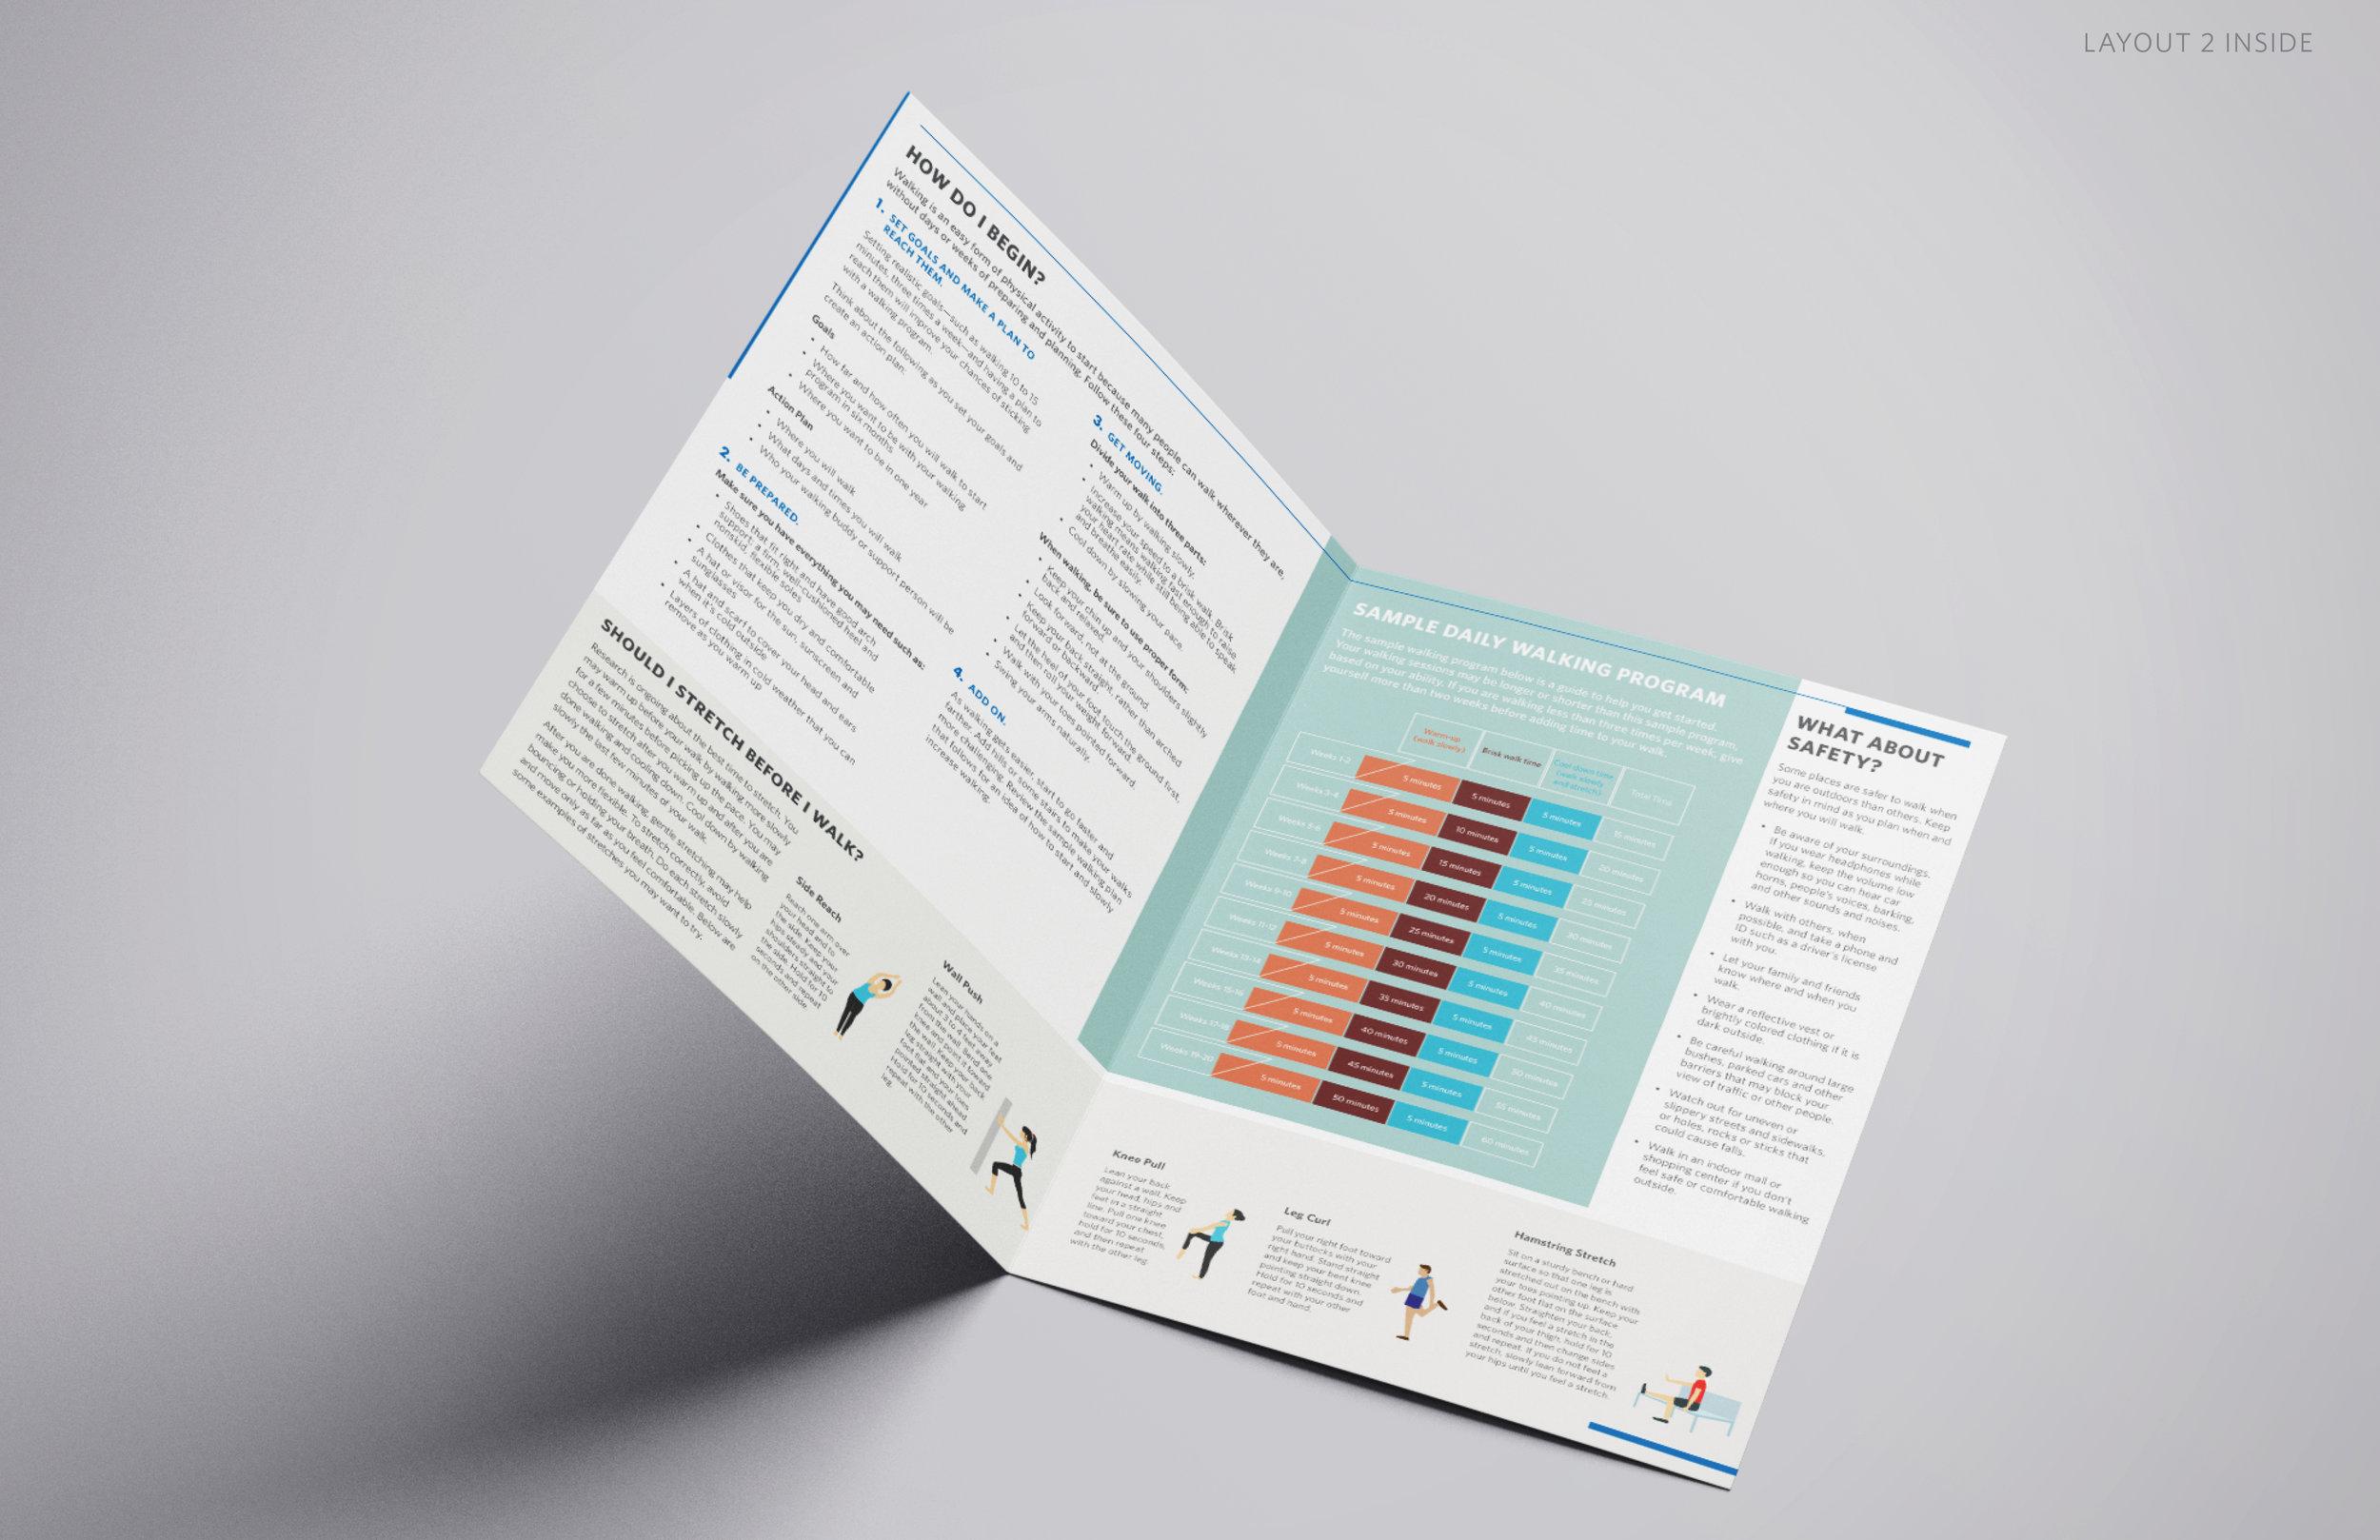 Patient Walking Brochure7.jpg